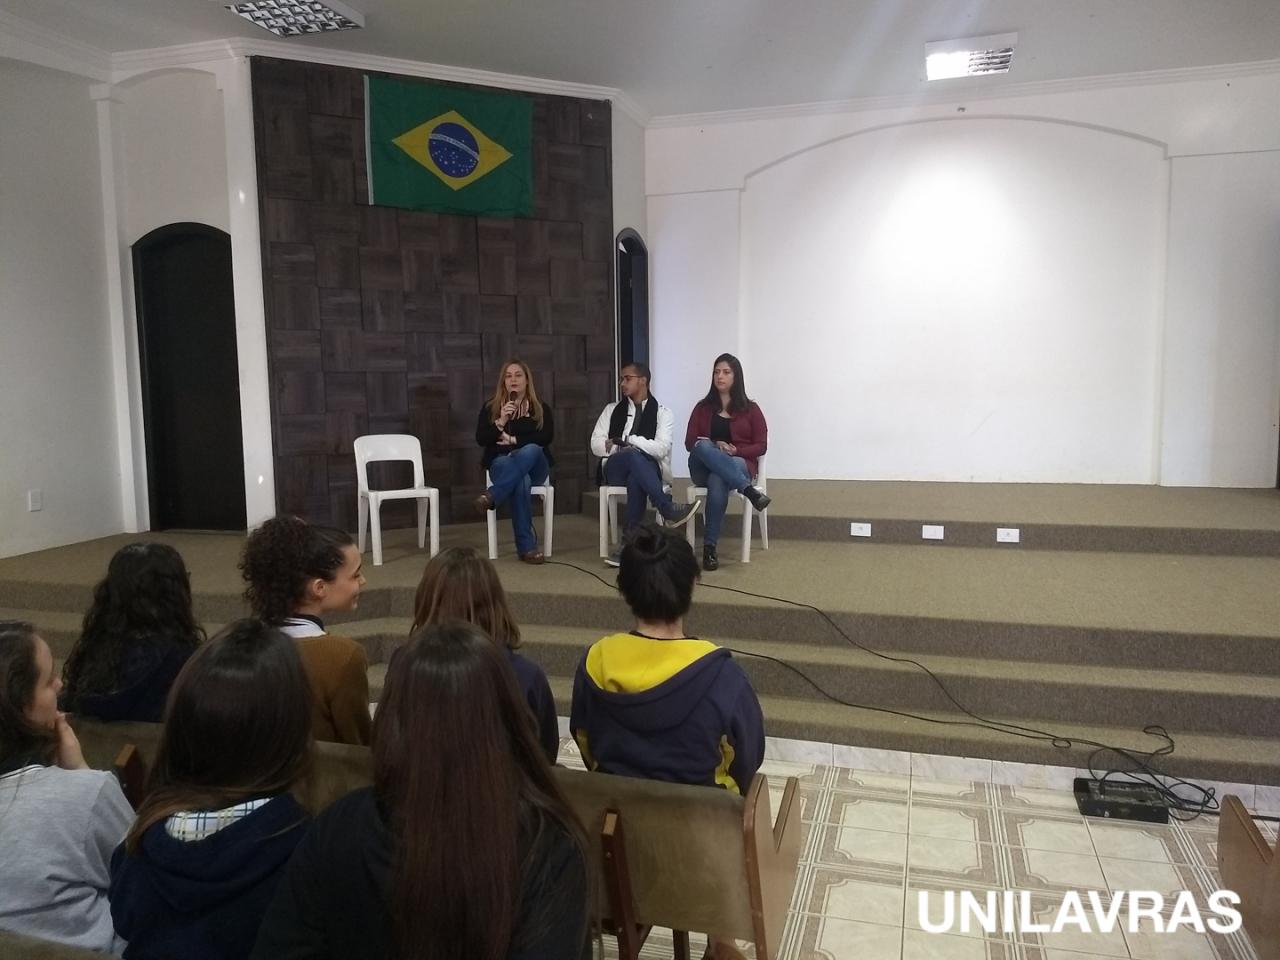 UNILAVRAS_